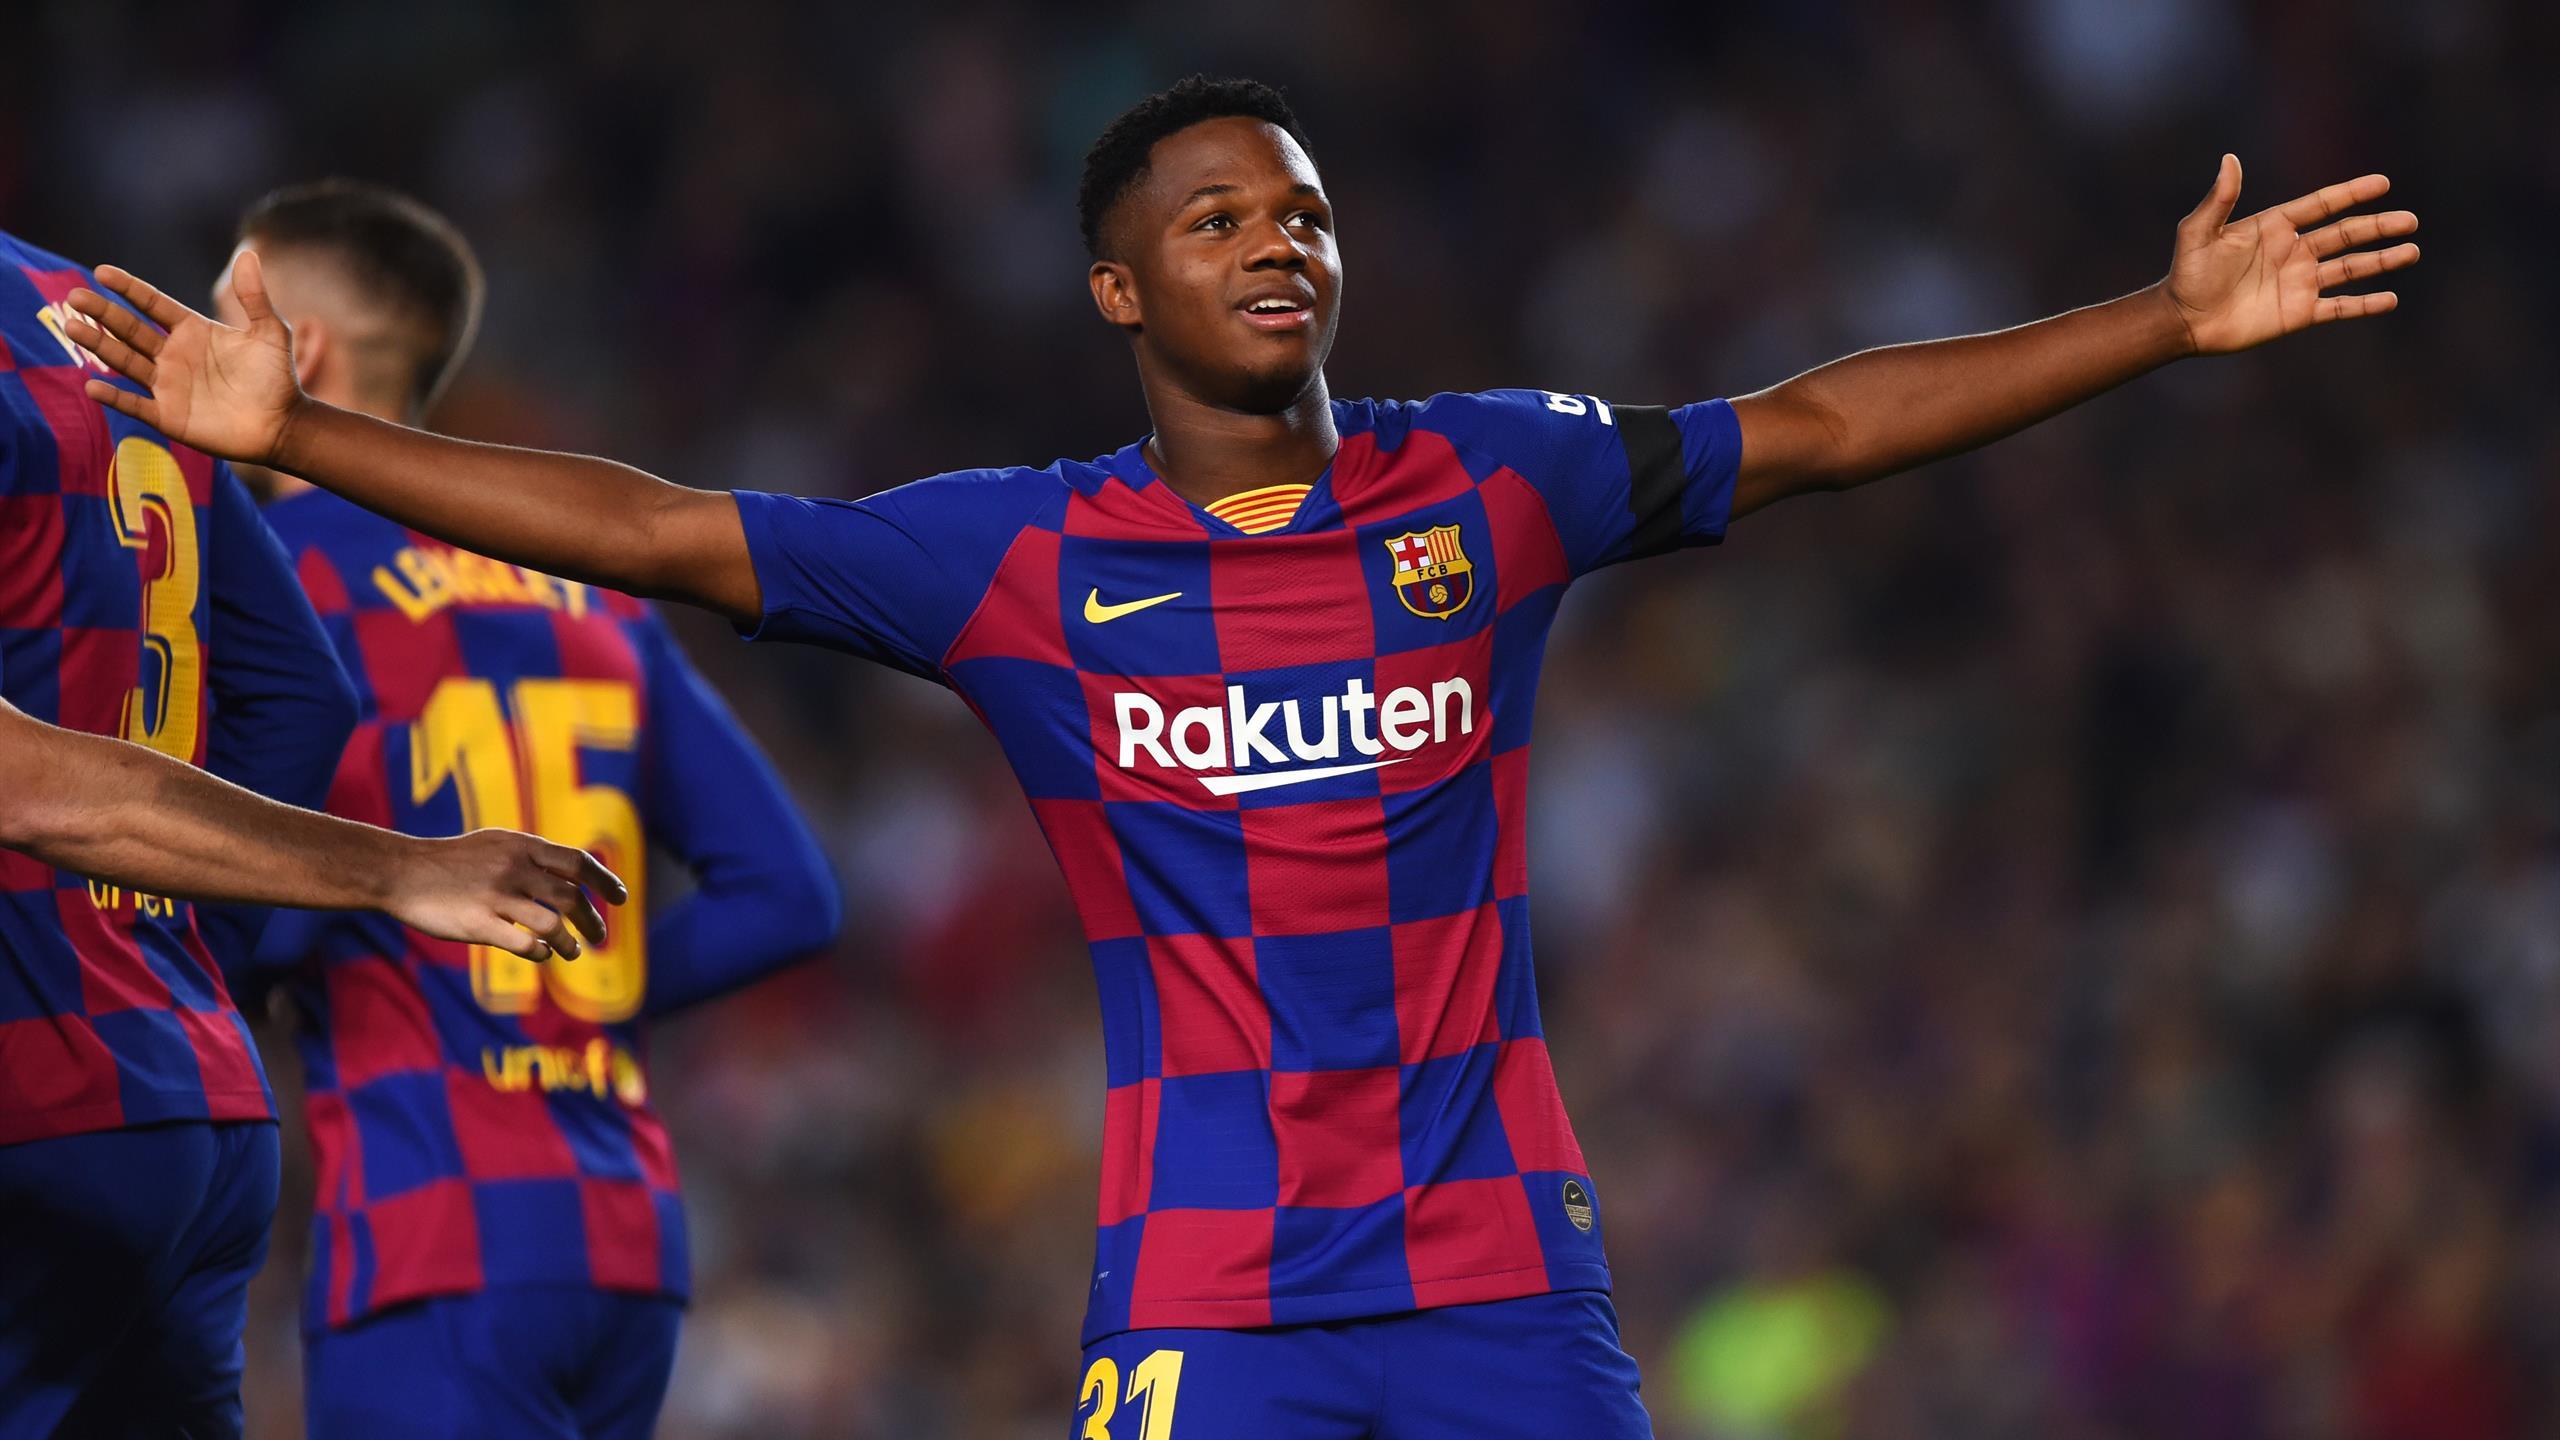 Самый молодой игрок испанской лиги футбол